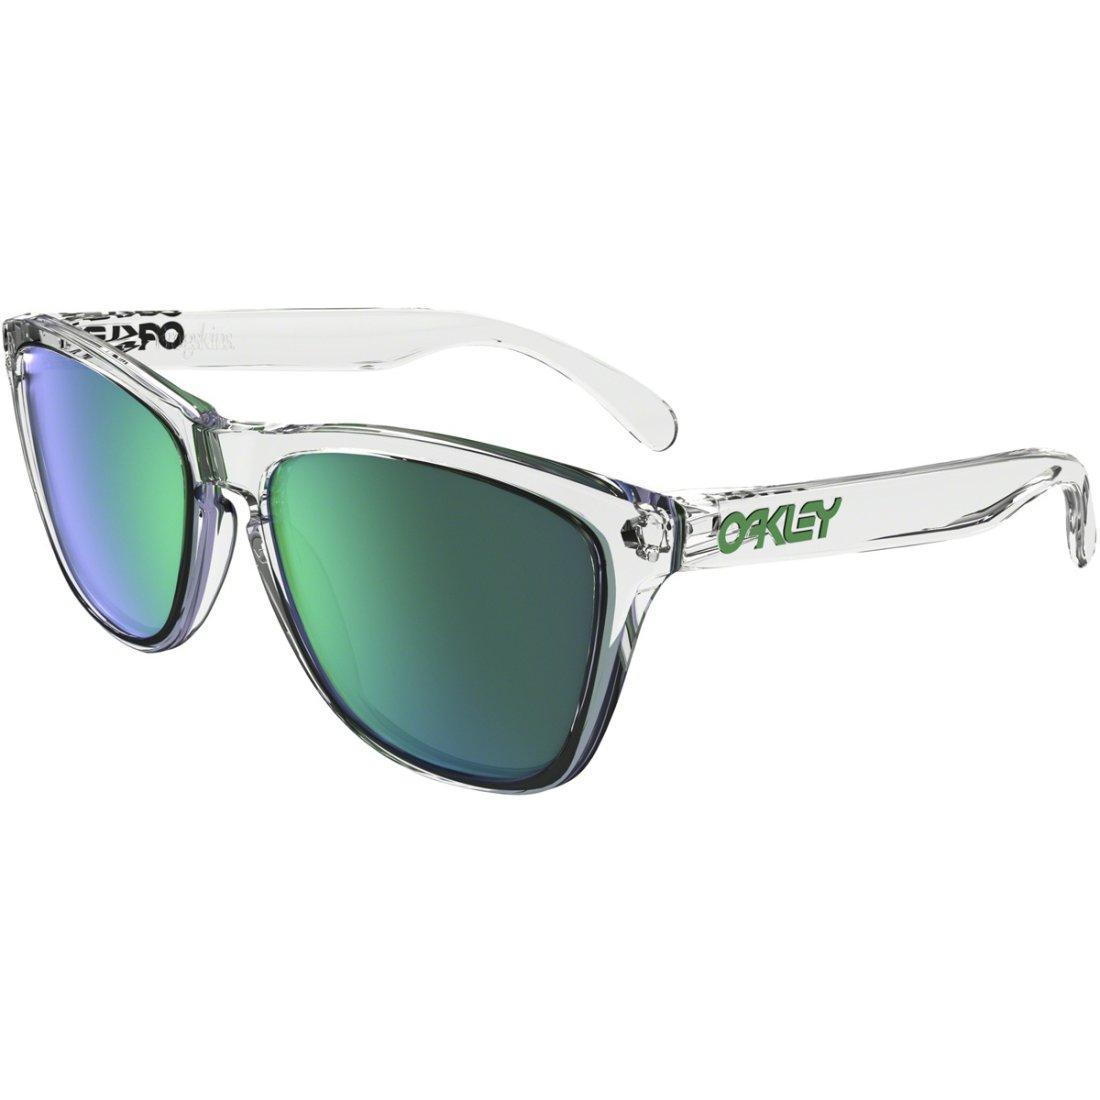 Sonnenbrille Oakley Frogskins Clear Jade fjUI42